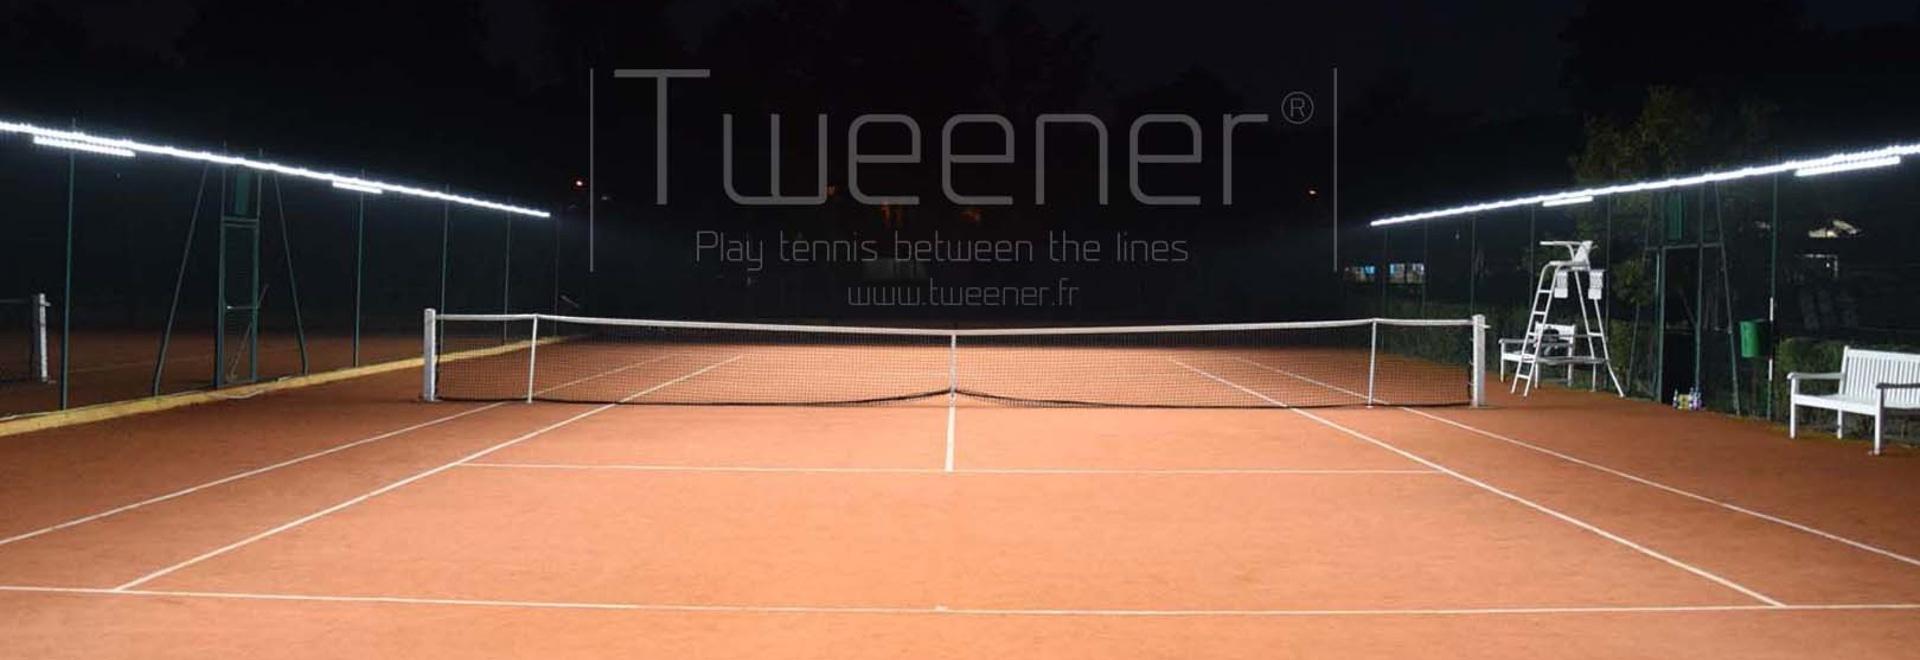 TWEENER – La nueva iluminación al aire libre del tenis